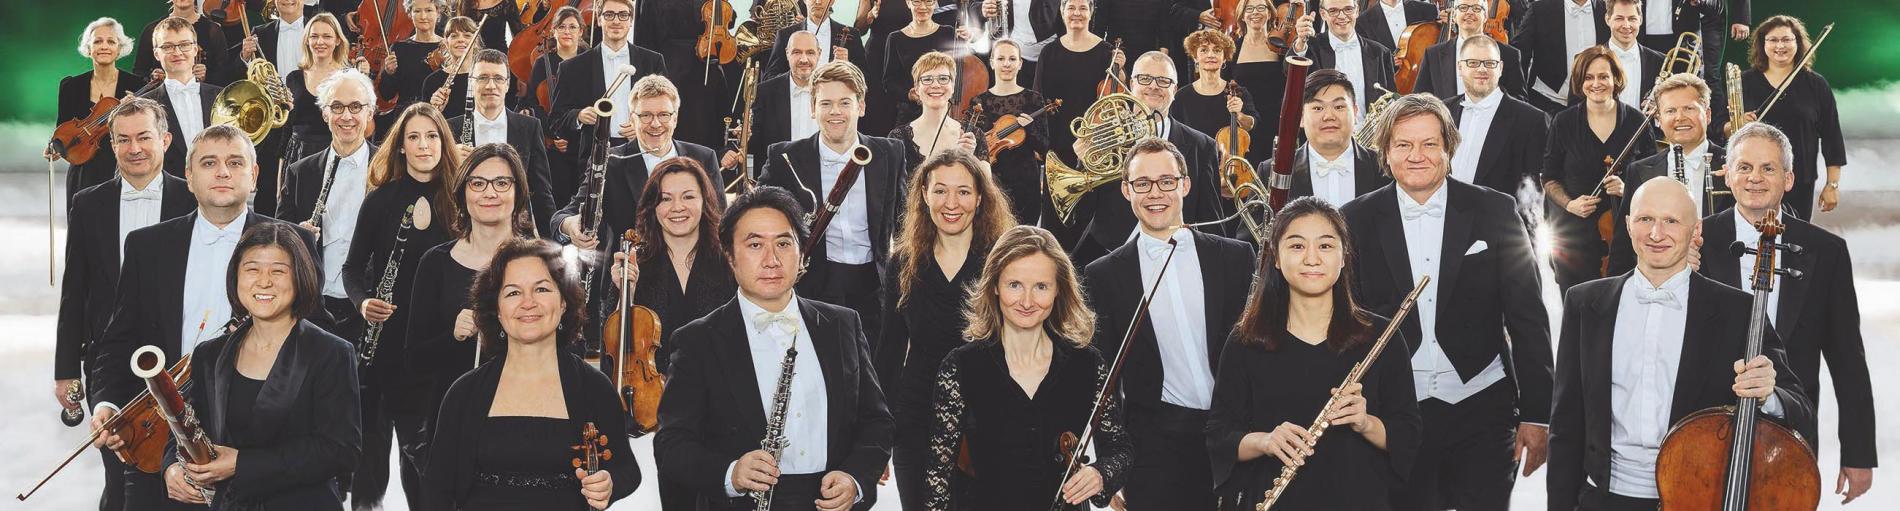 Pausenphiller - Öffentliche Probenbesuche bei den Bremer Philharmonikern